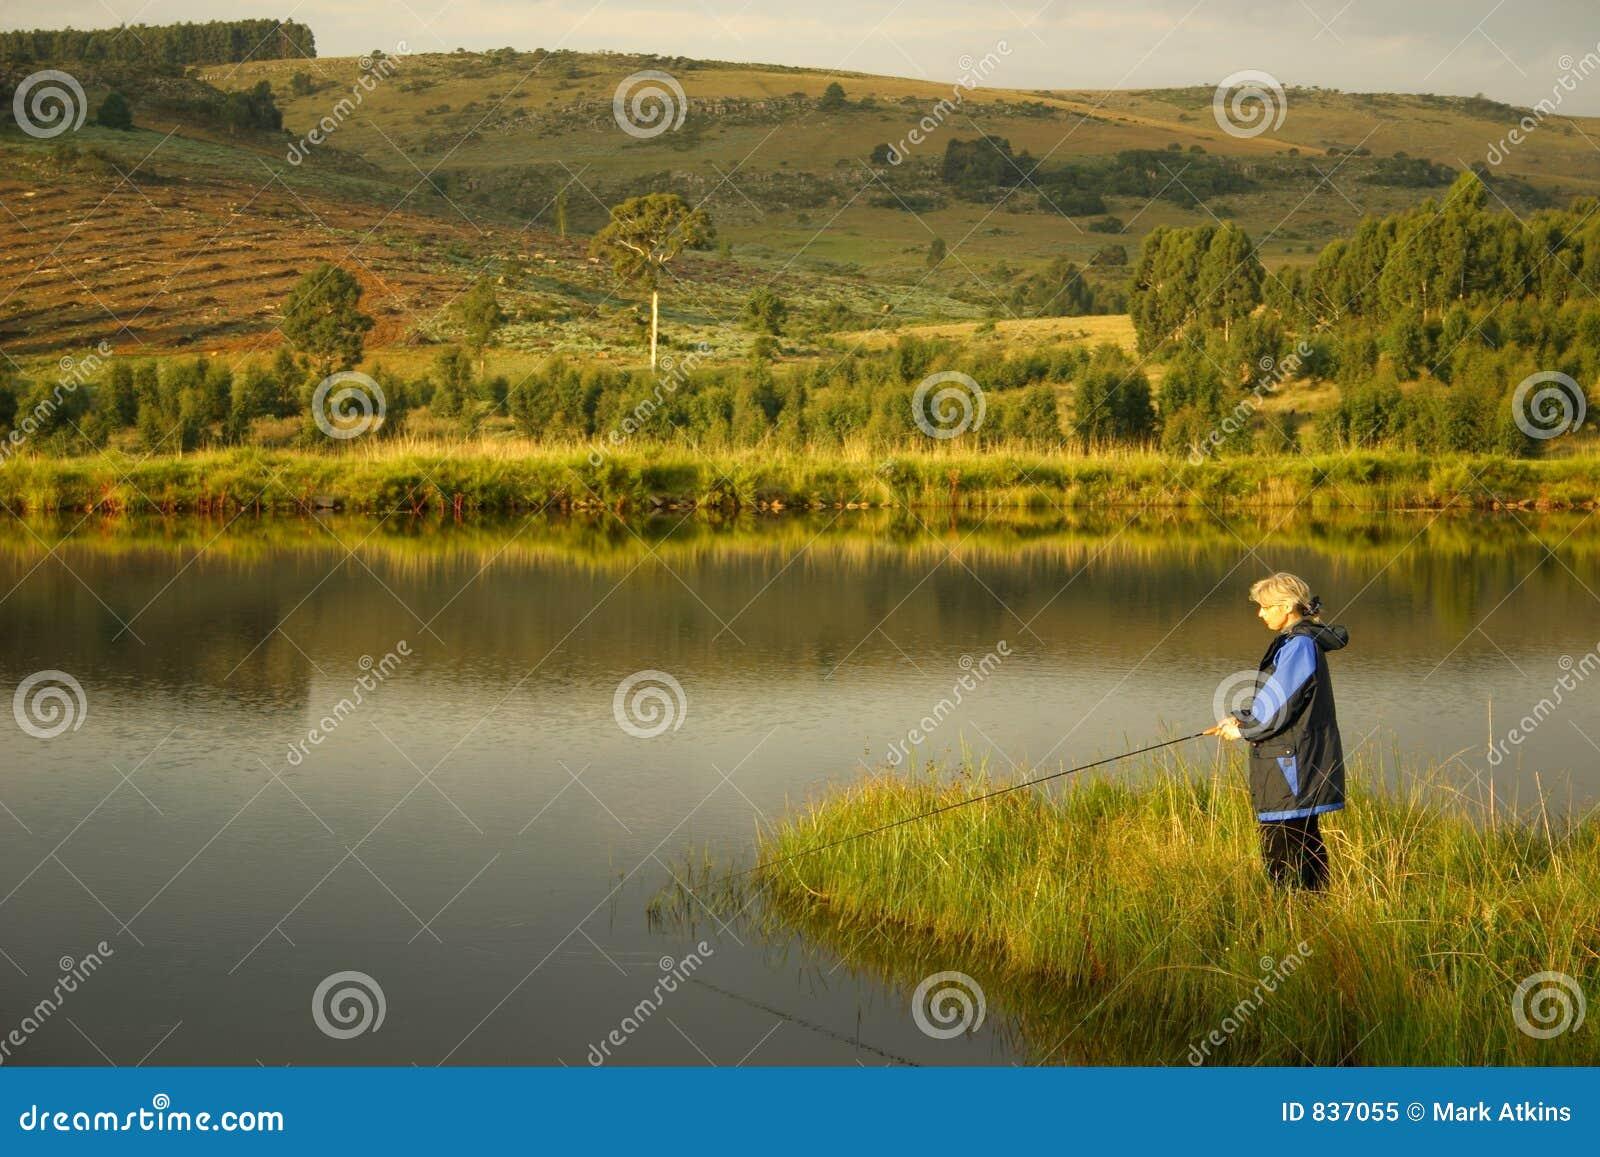 Lady lake fishing